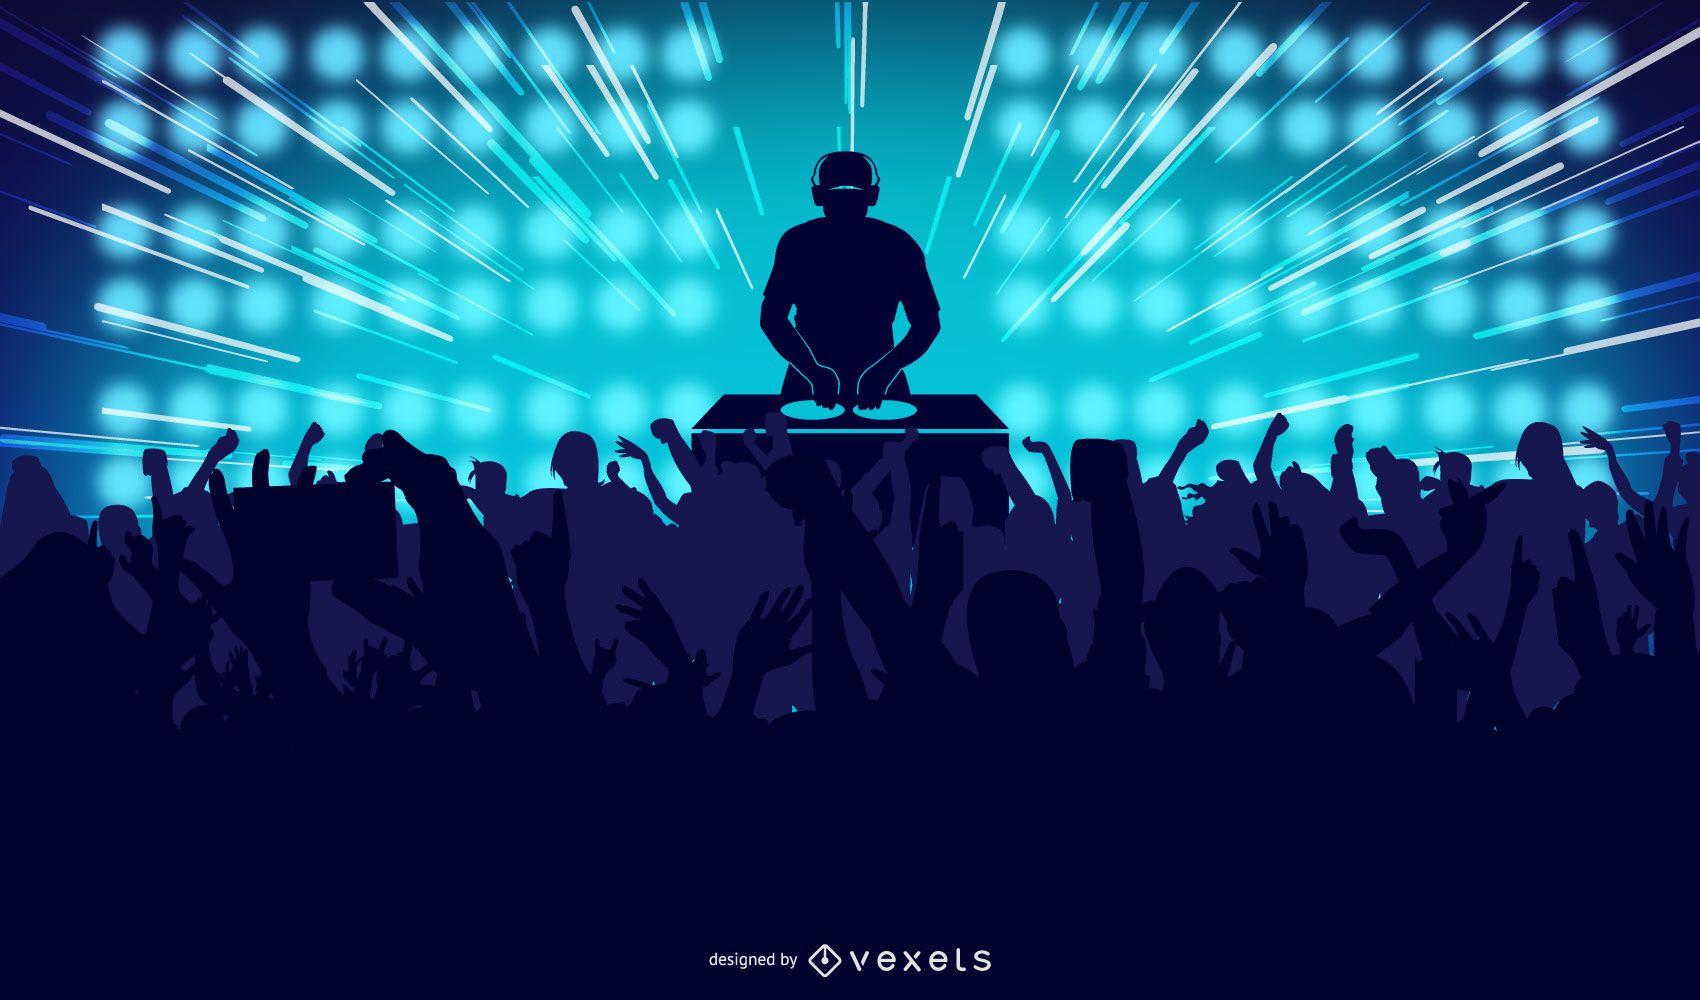 Ilustración de fiesta de baile